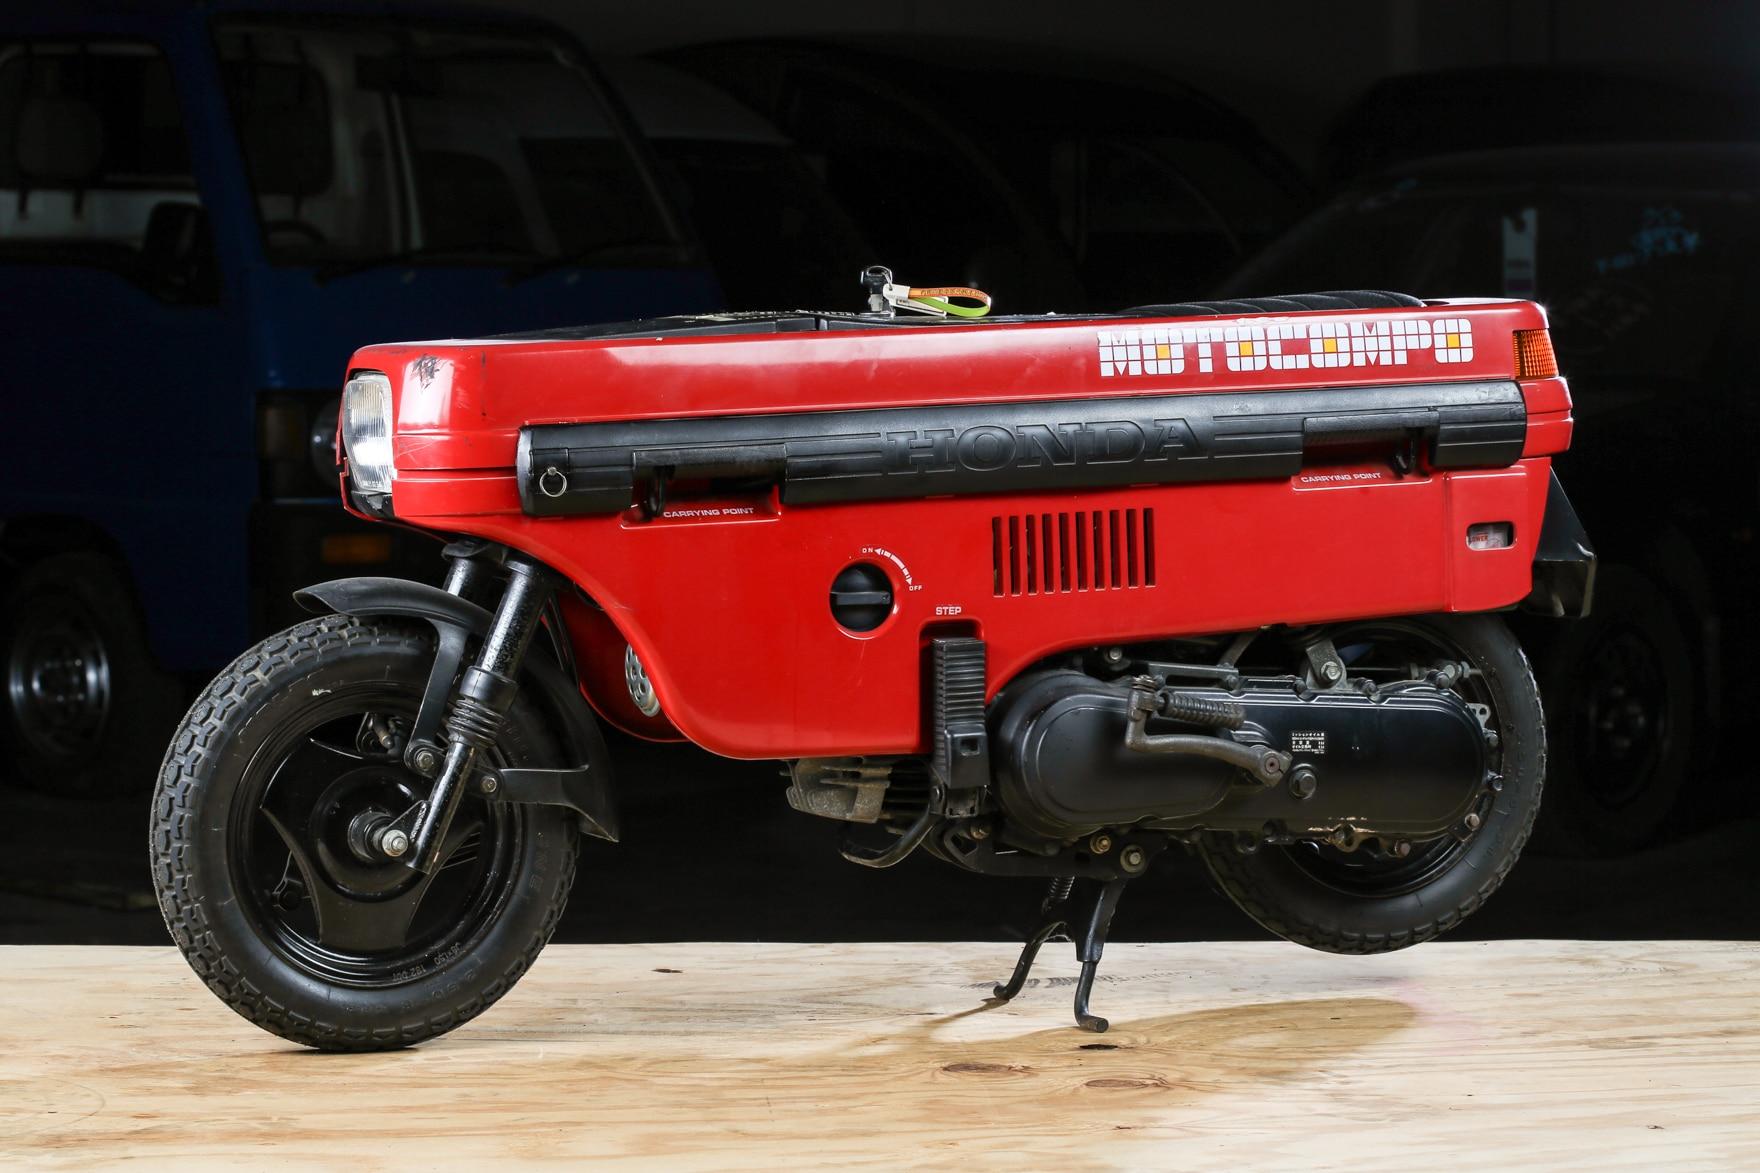 1982 Honda Motocompo — JDMbuysell.com